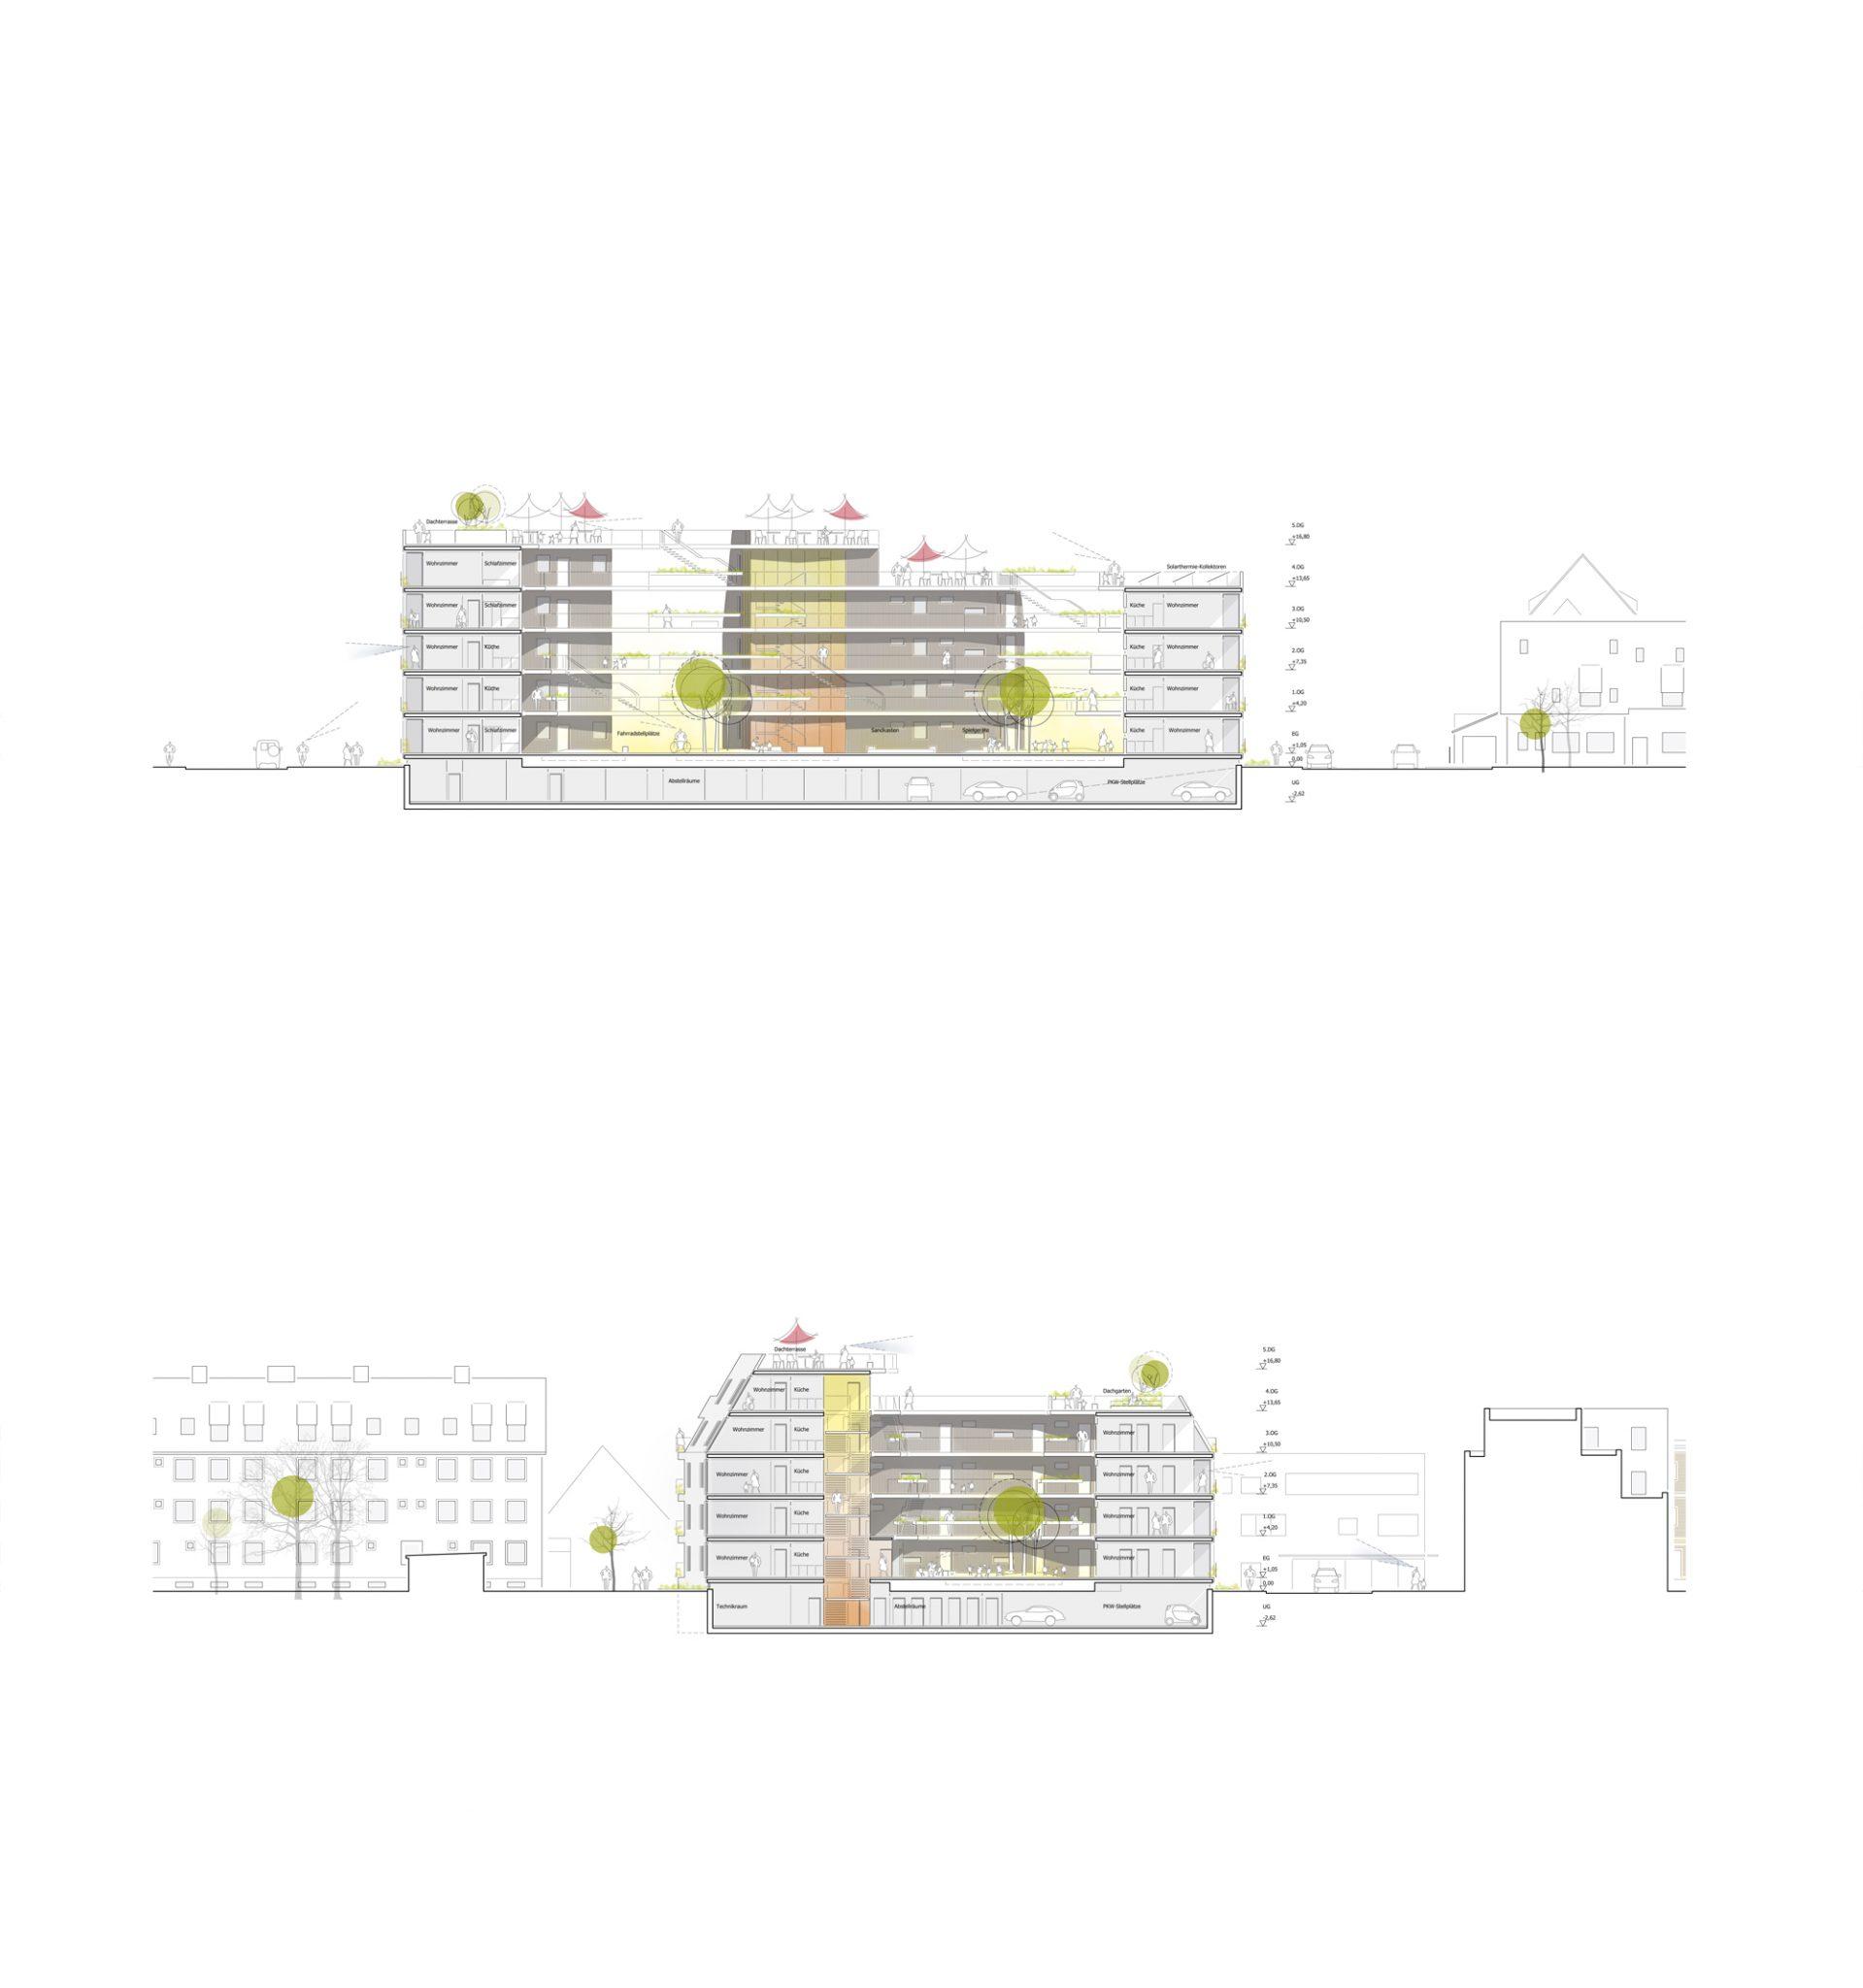 Gebäudeschnitte für ALN-Beitrag beim Landshut Wettbewerb Bürgerblock